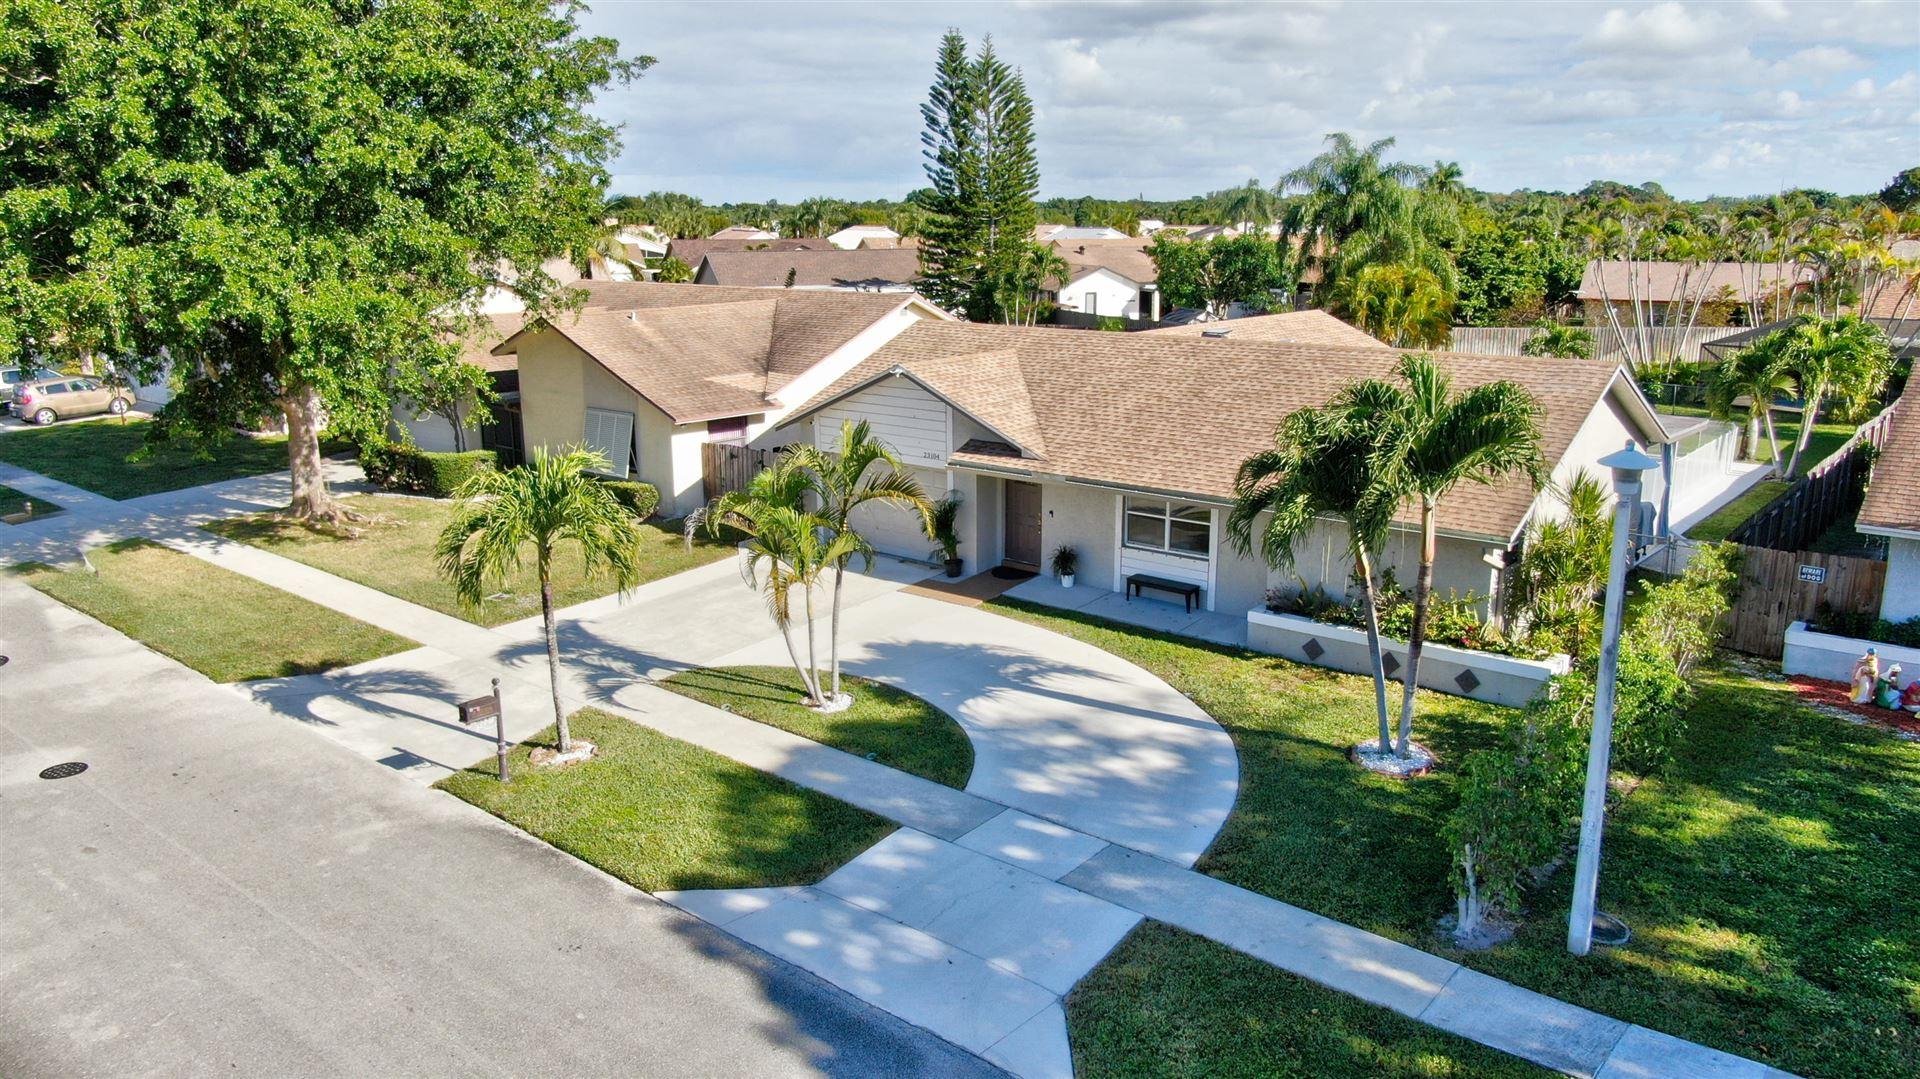 23104 SW 56th Avenue, Boca Raton, FL 33433 - #: RX-10682346